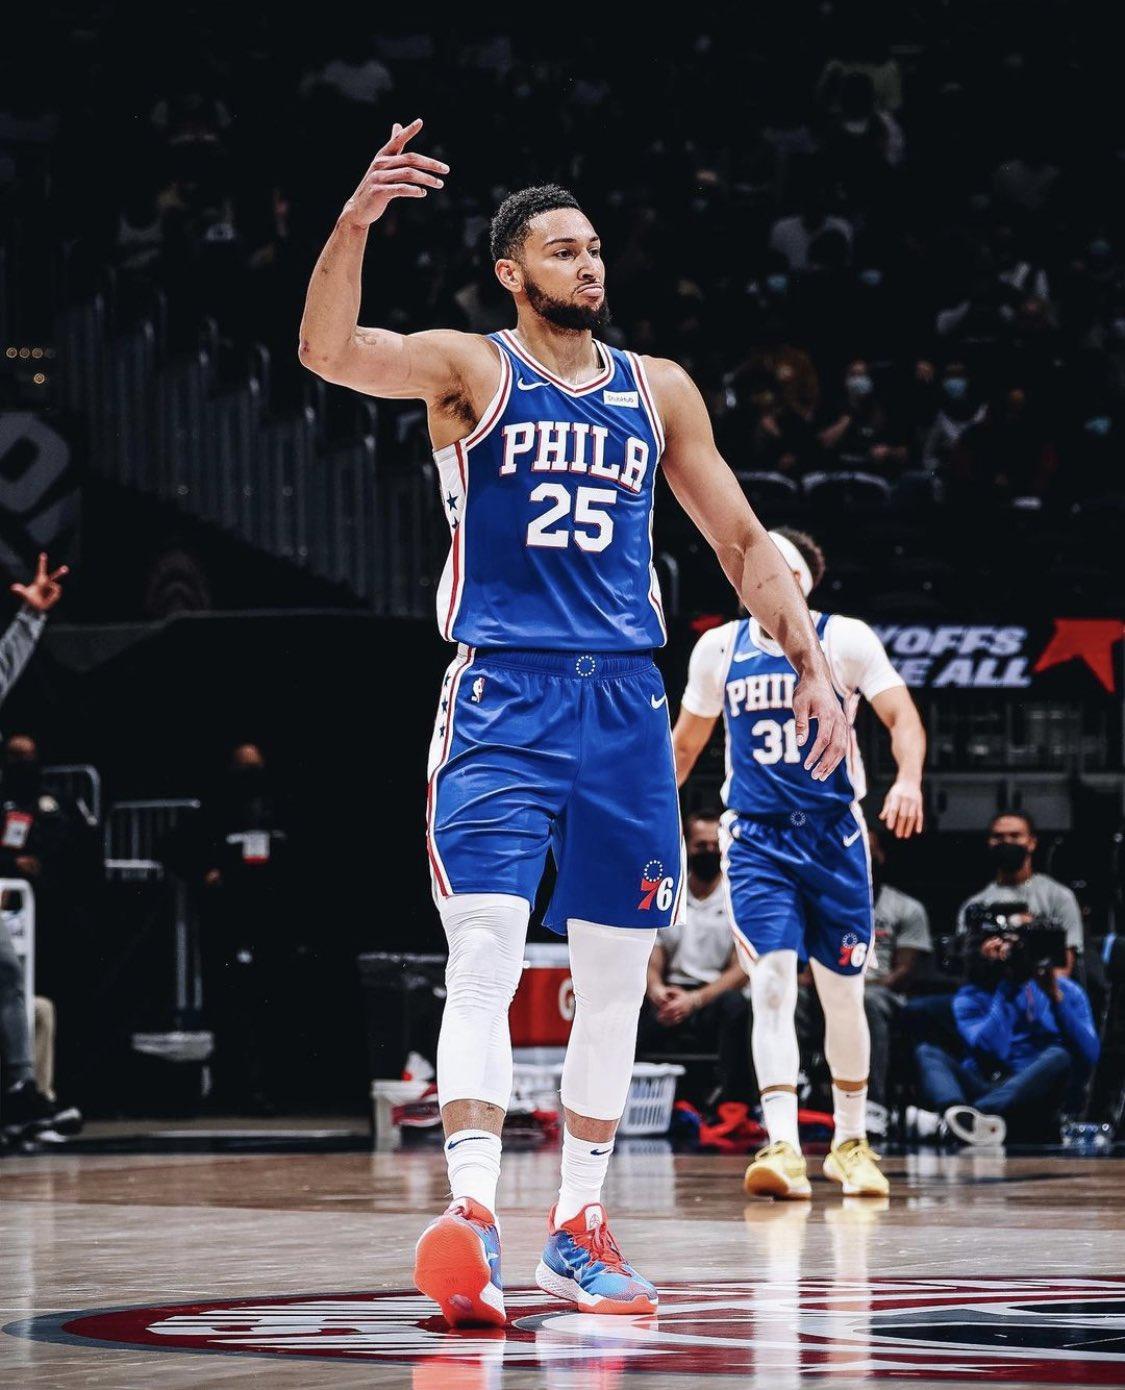 NBA- Ben Simmons lontano dai Sixers? Cinque scenari possibili